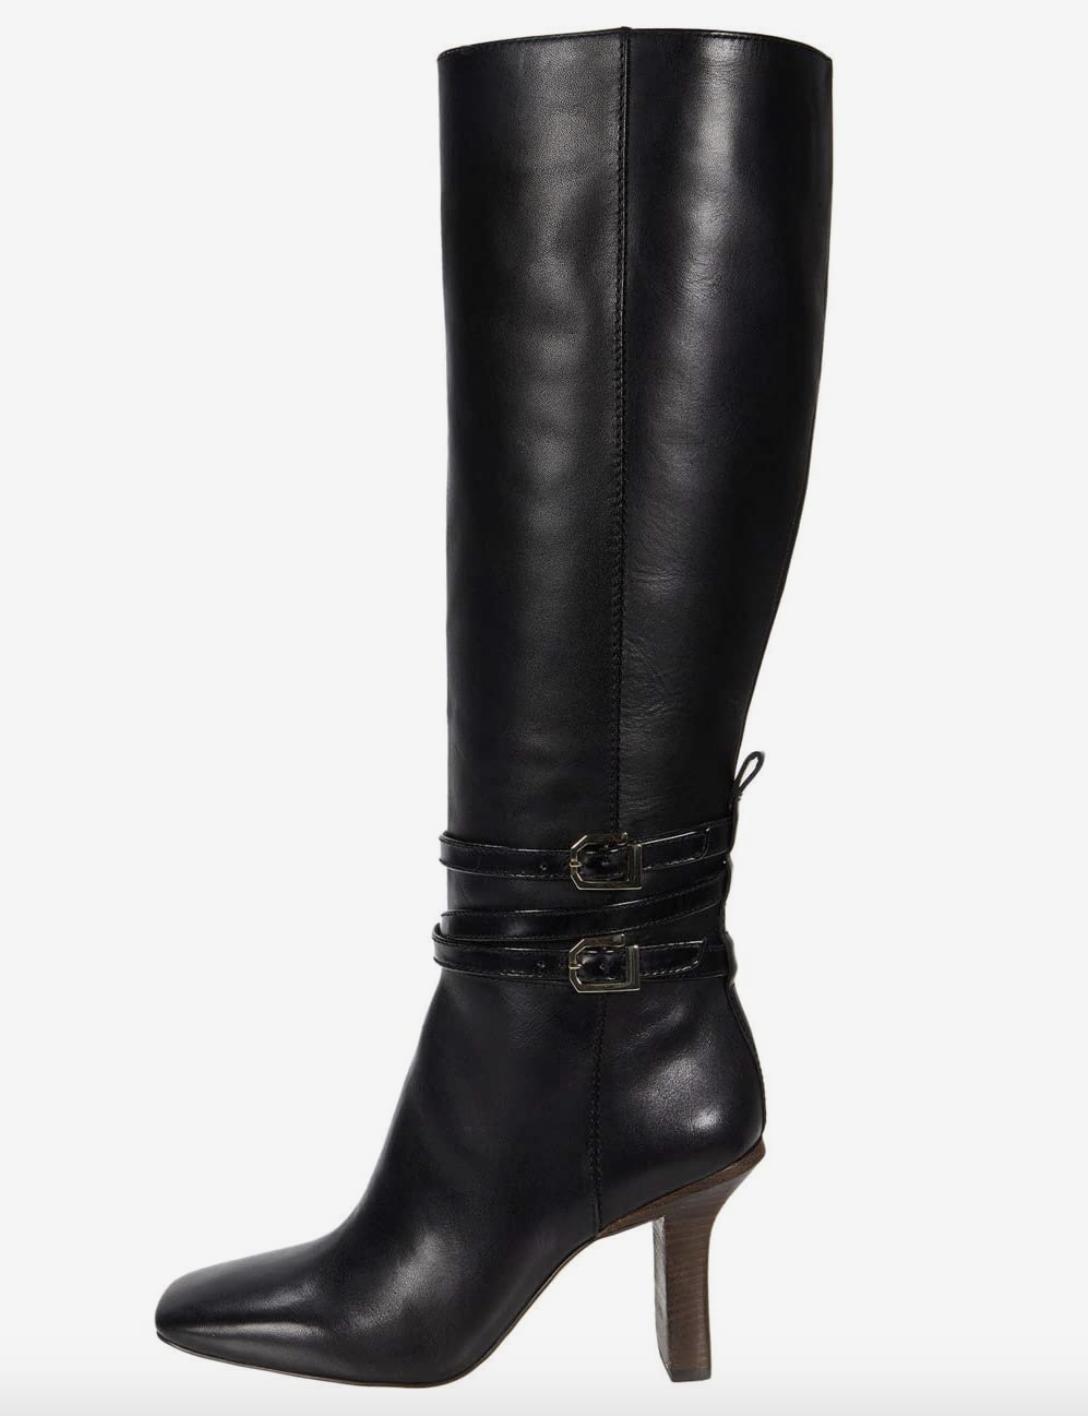 Louise et Cie, boots